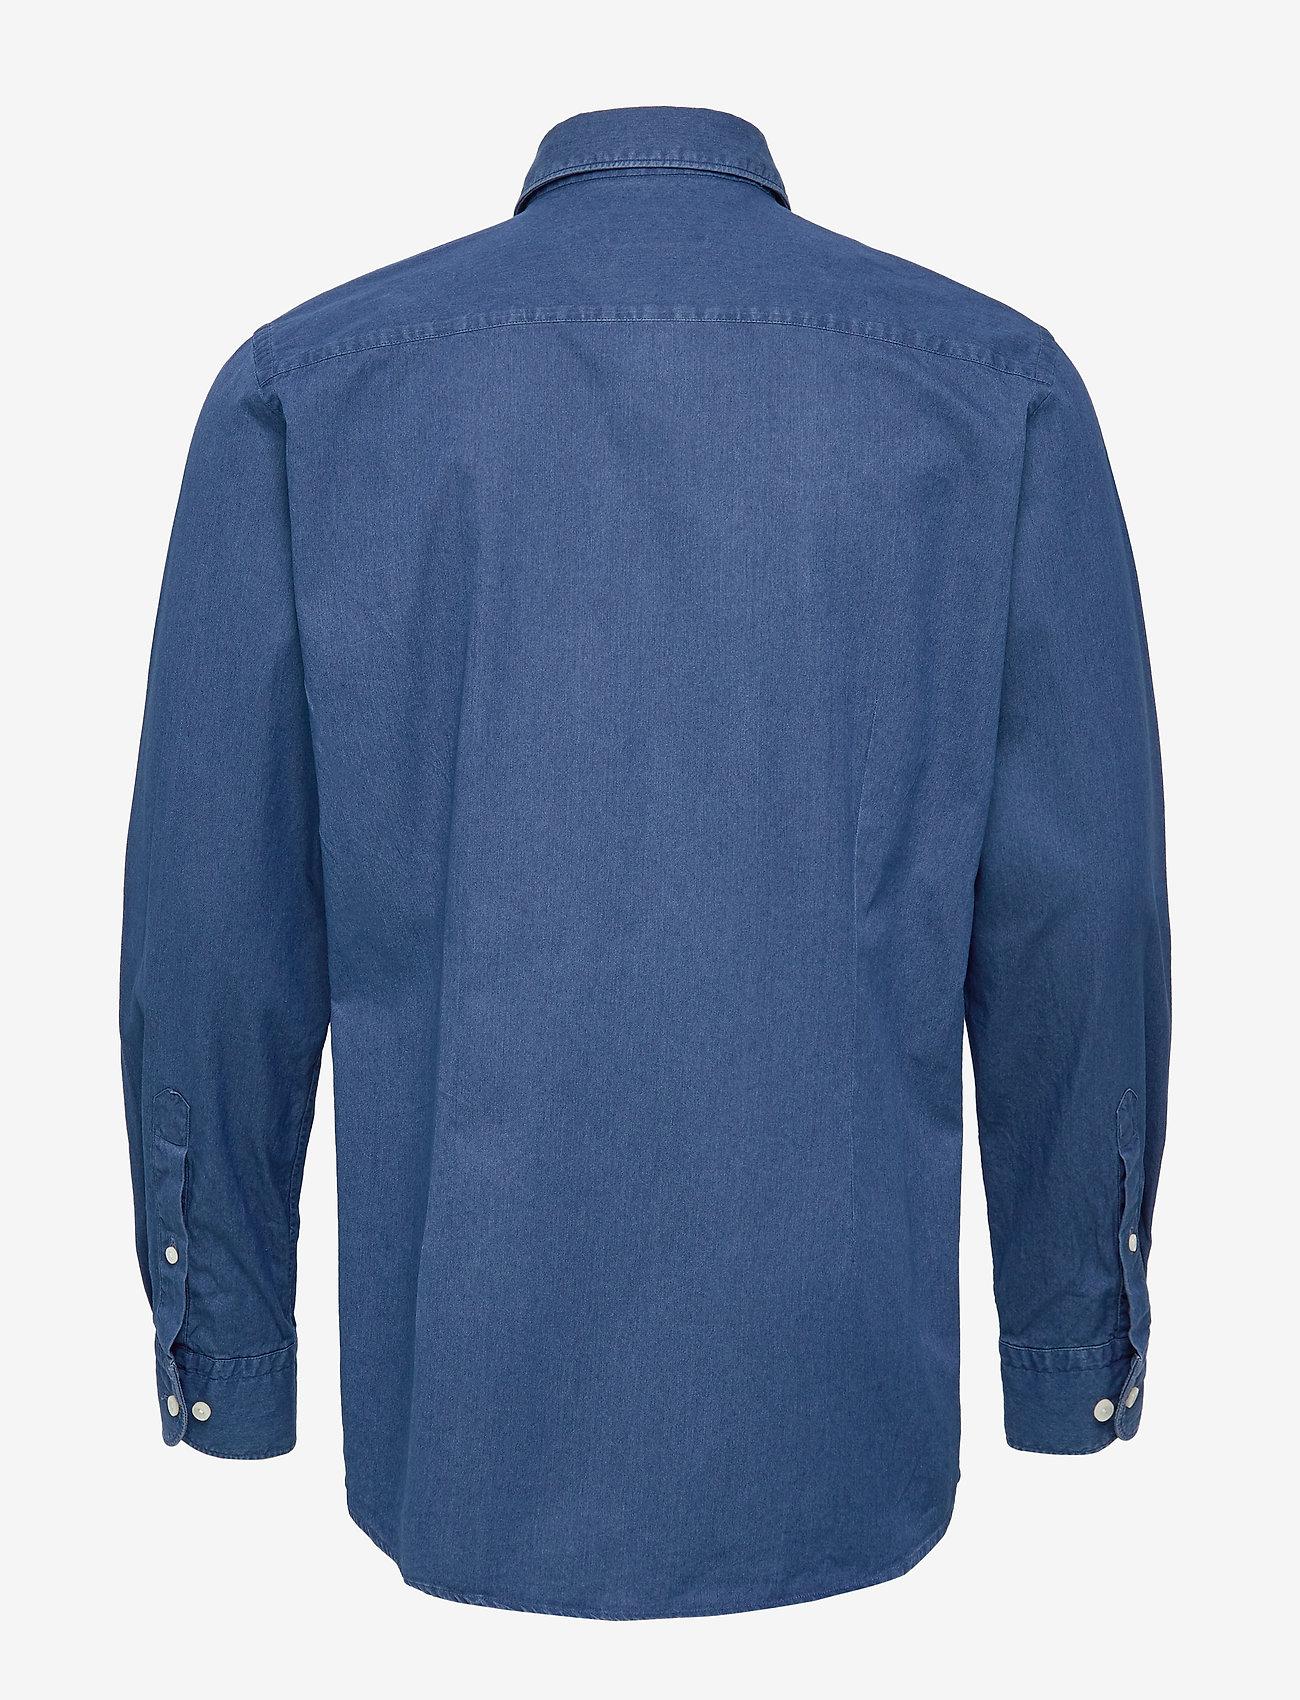 Dressy Denim Shirt - Contemporary Fit (Blue) - Eton D0r1DO